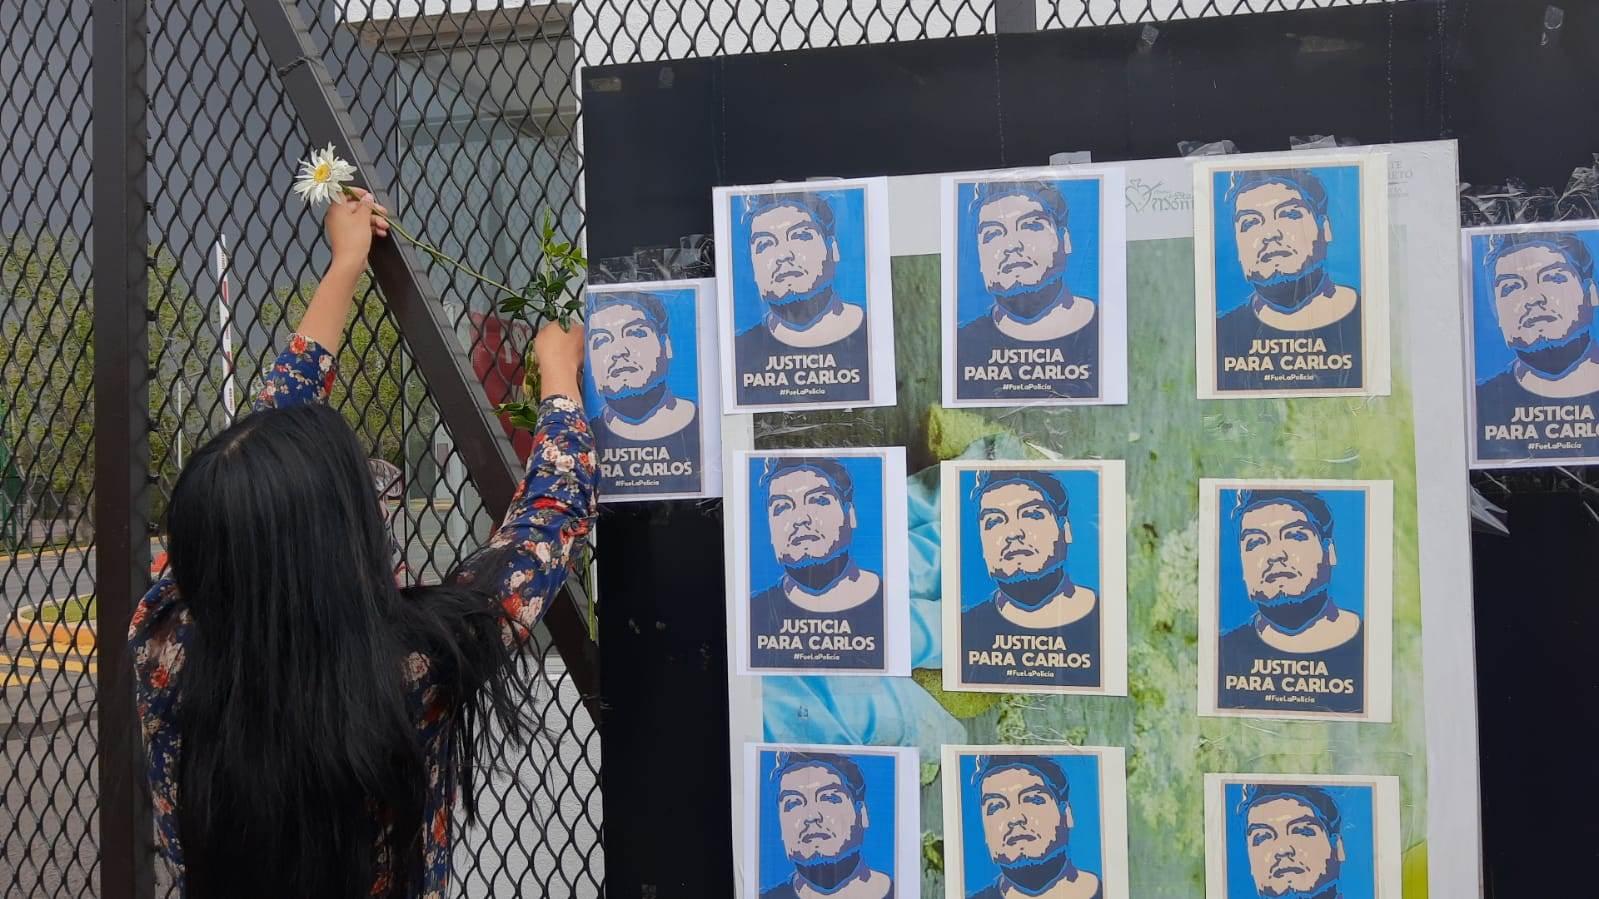 Compañeros de Carlos Portillo protestaron a las puertas de su facultad para exigir que la muerte del joven artista sea esclarecida y se sancione a los responsables.